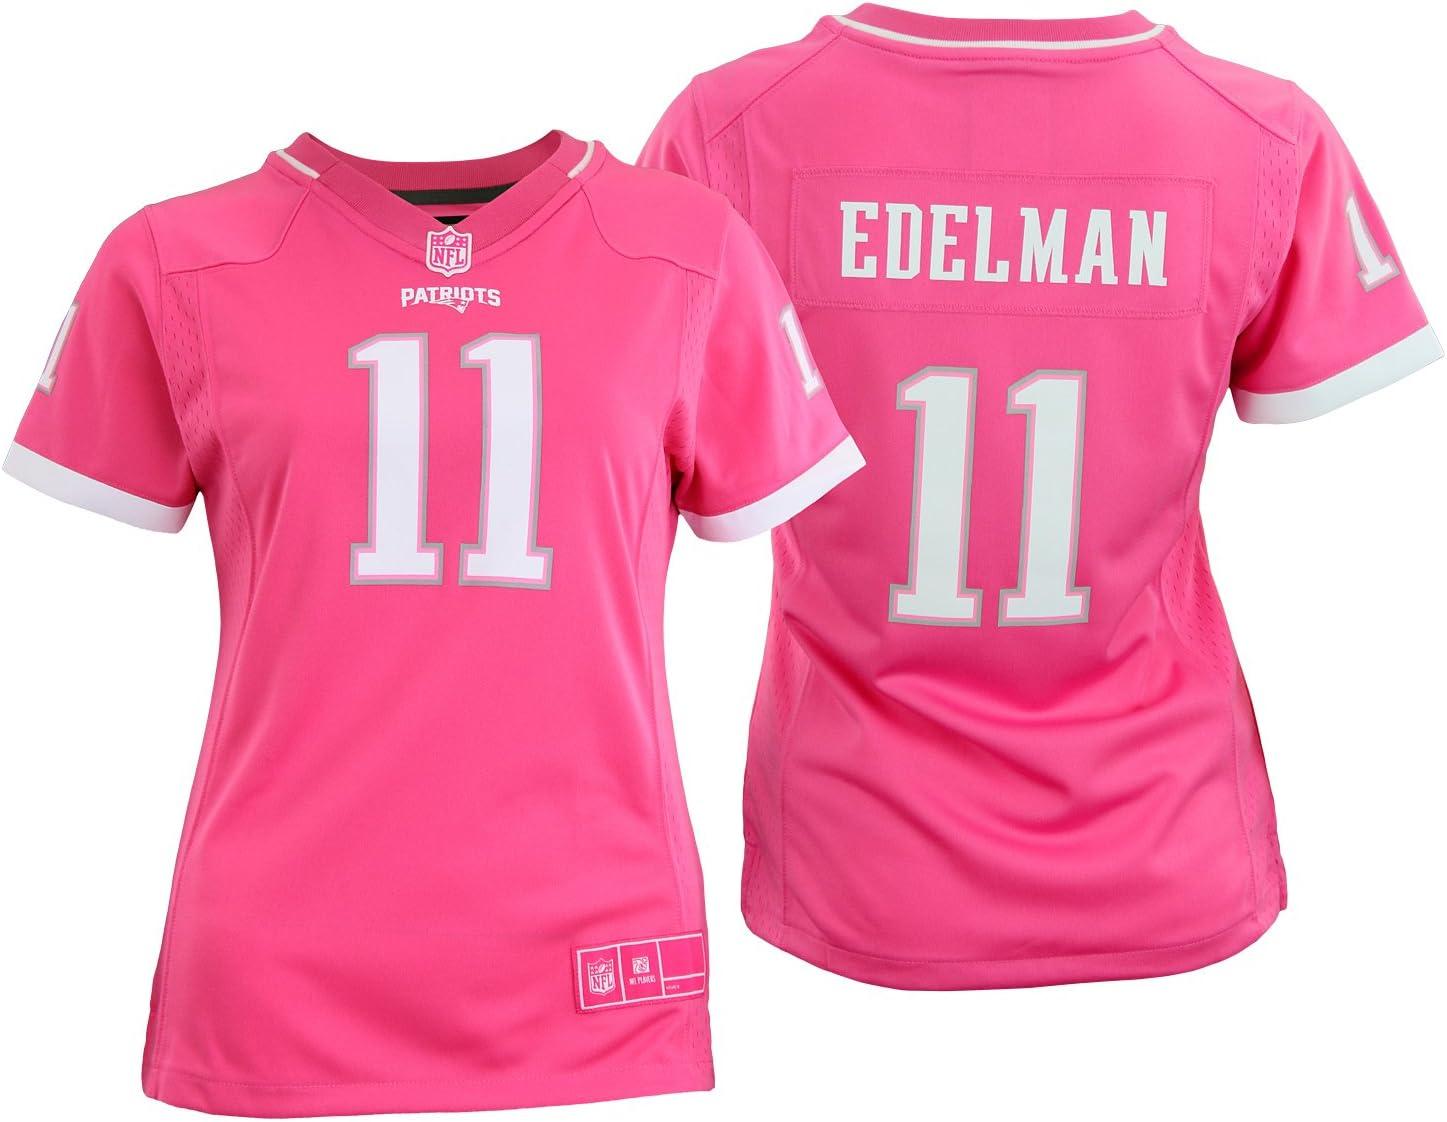 Outerstuff NFL - Camiseta para jóvenes de Nueva Inglaterra Patriots Julian Edelman #11, color rosa, Atlético, M, Rosado: Amazon.es: Deportes y aire libre